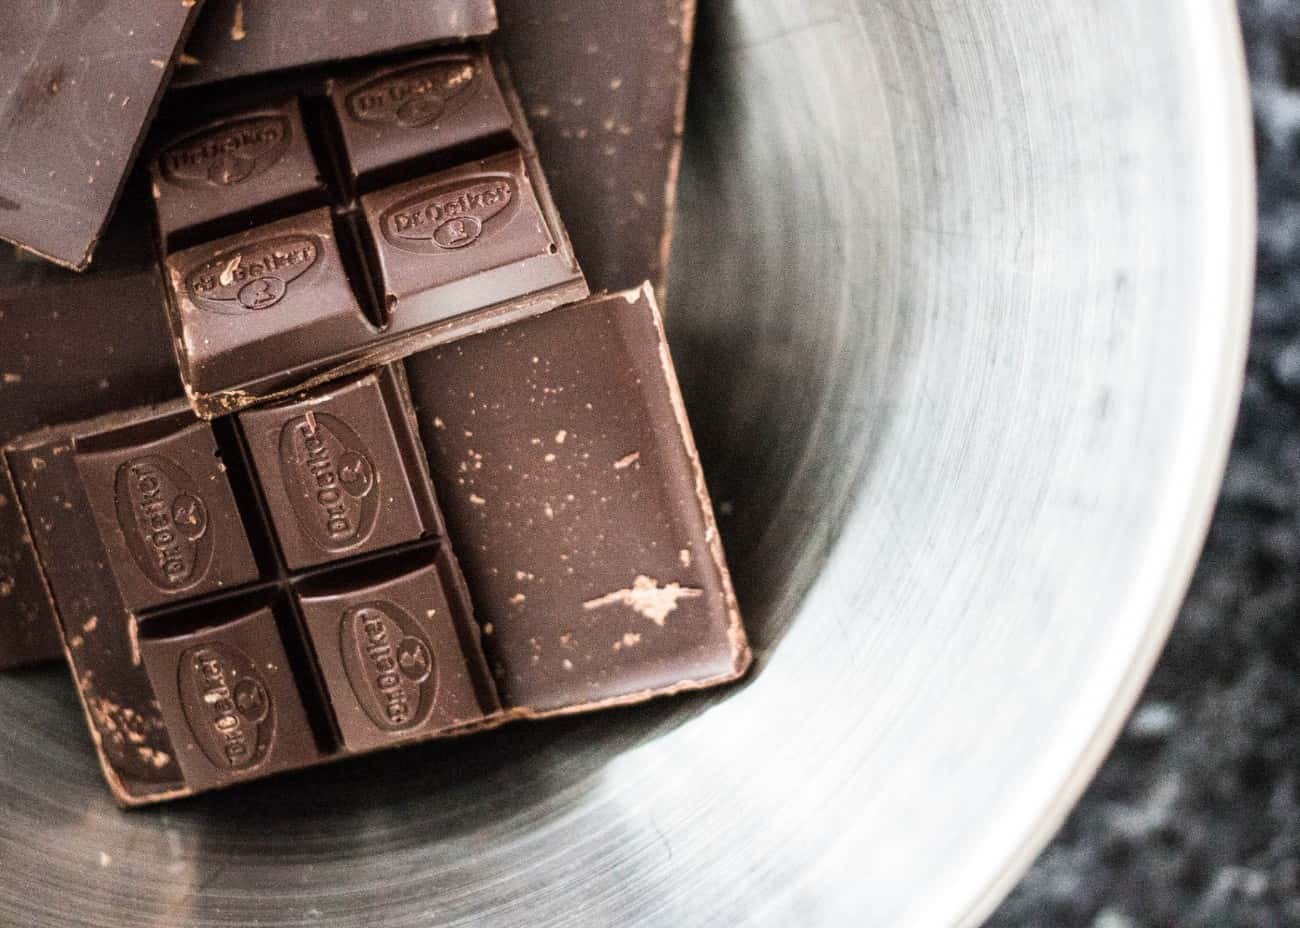 ブラックコーヒーちょい足し:チョコレート